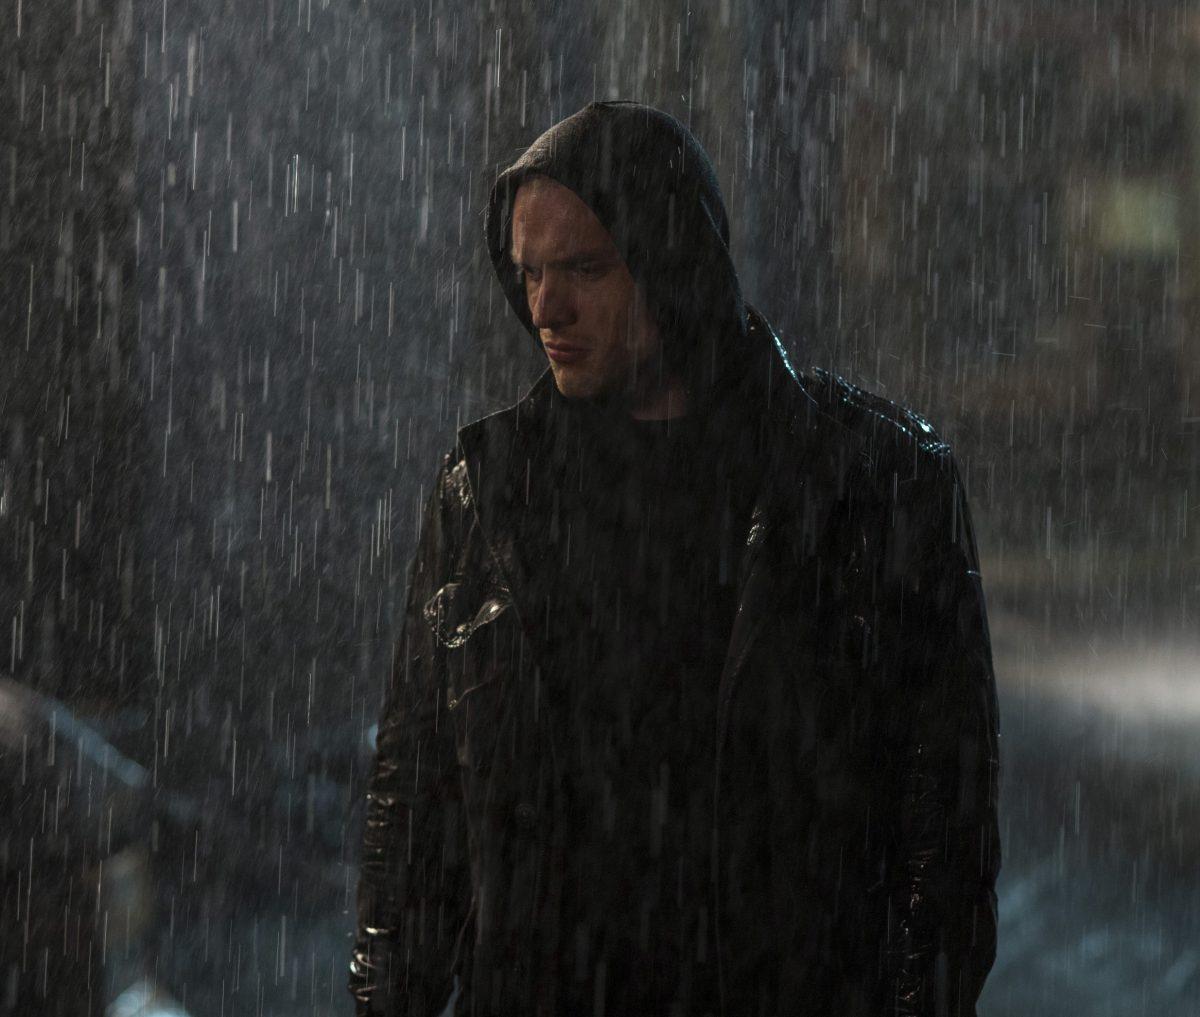 man in rain in Deadpool